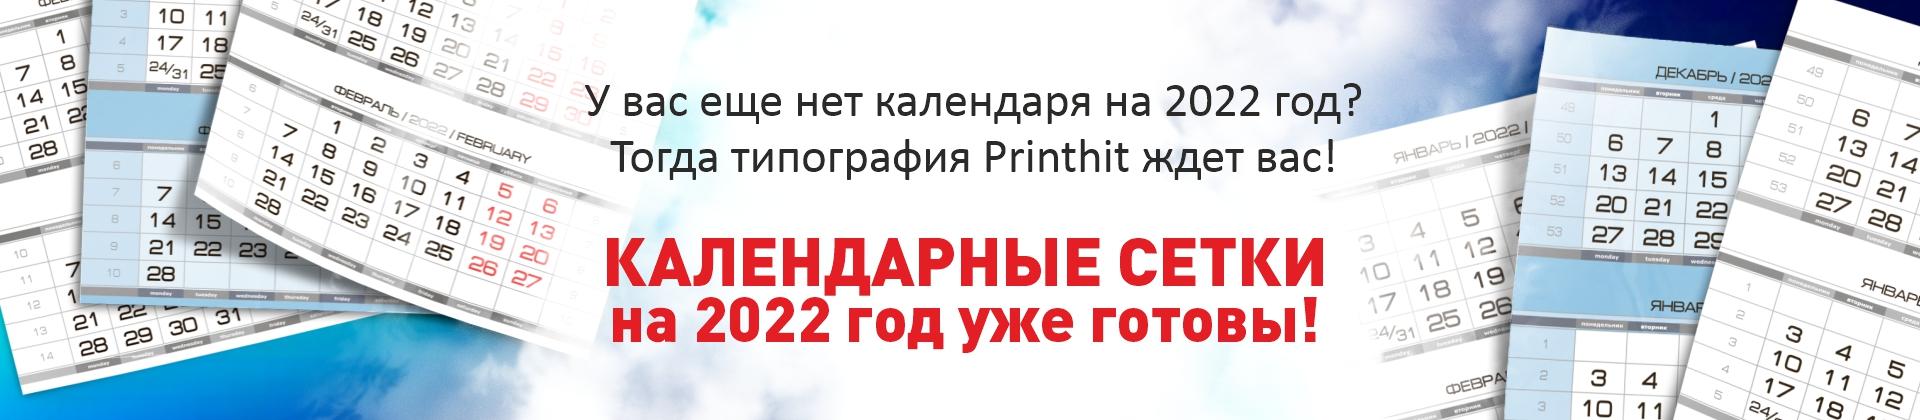 КАЛЕНДАРНЫЕ СЕТКИ на 2022 год уже ждут вас!